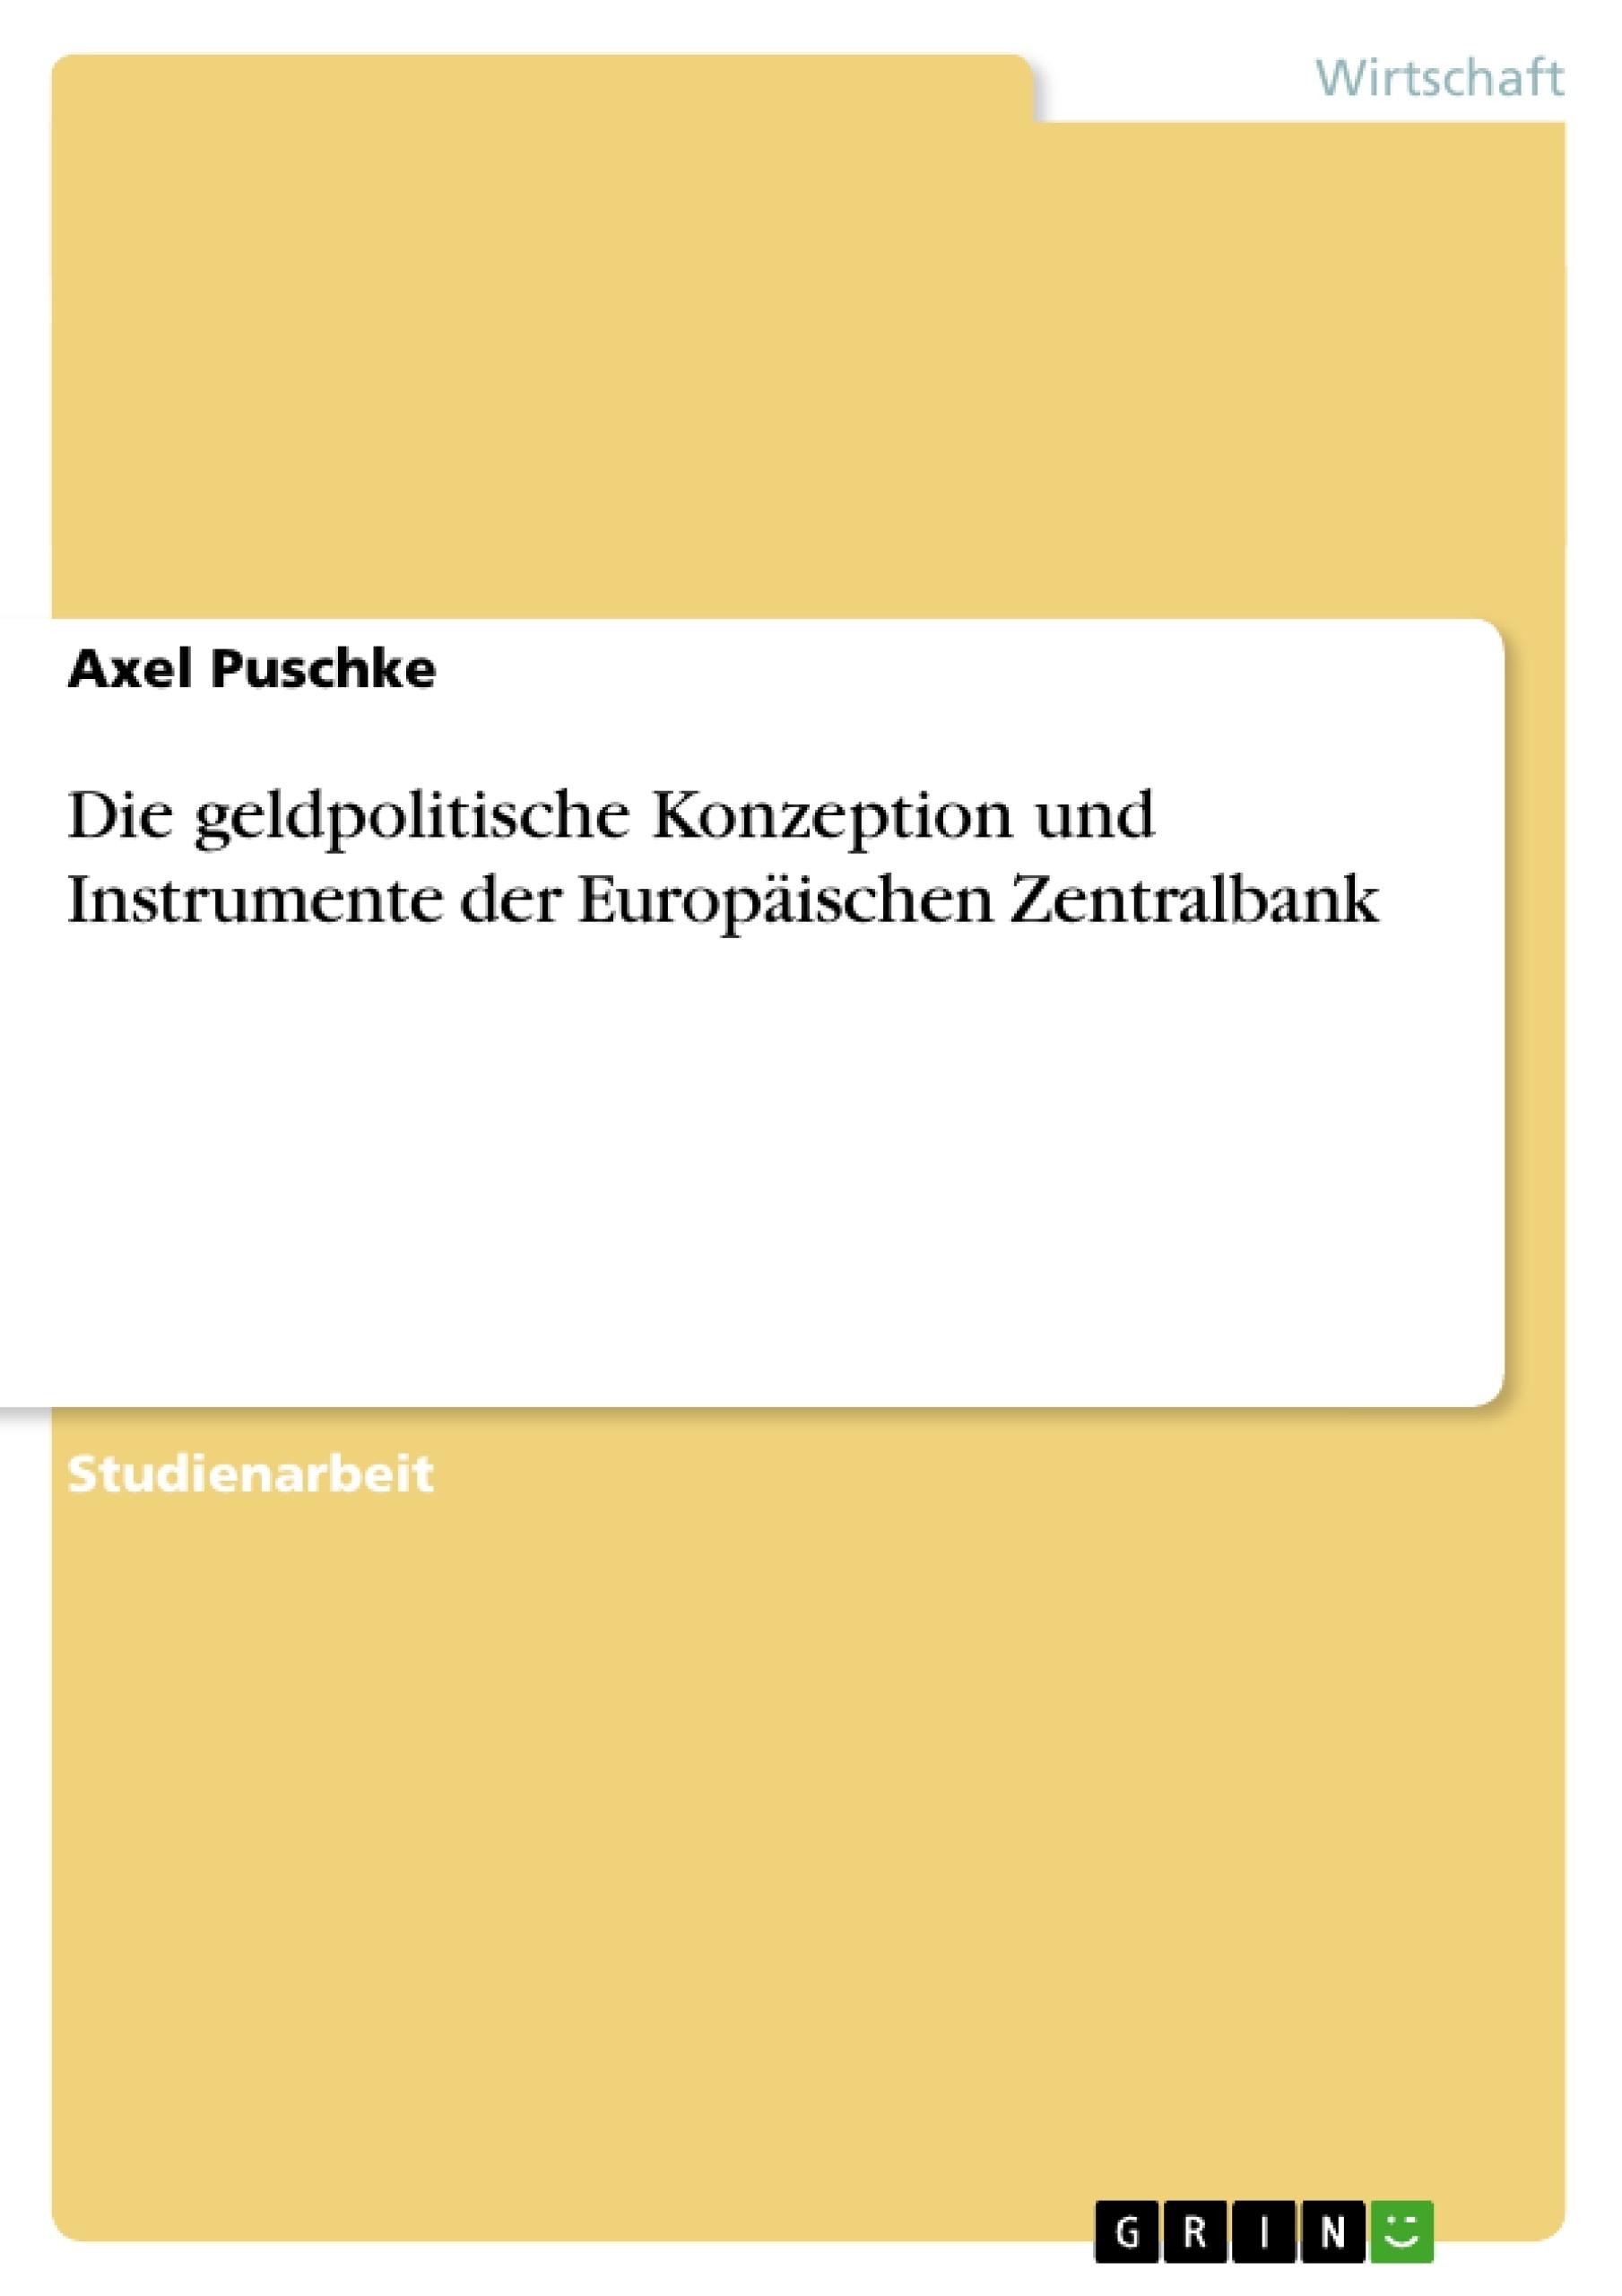 Titel: Die geldpolitische Konzeption und Instrumente der Europäischen Zentralbank